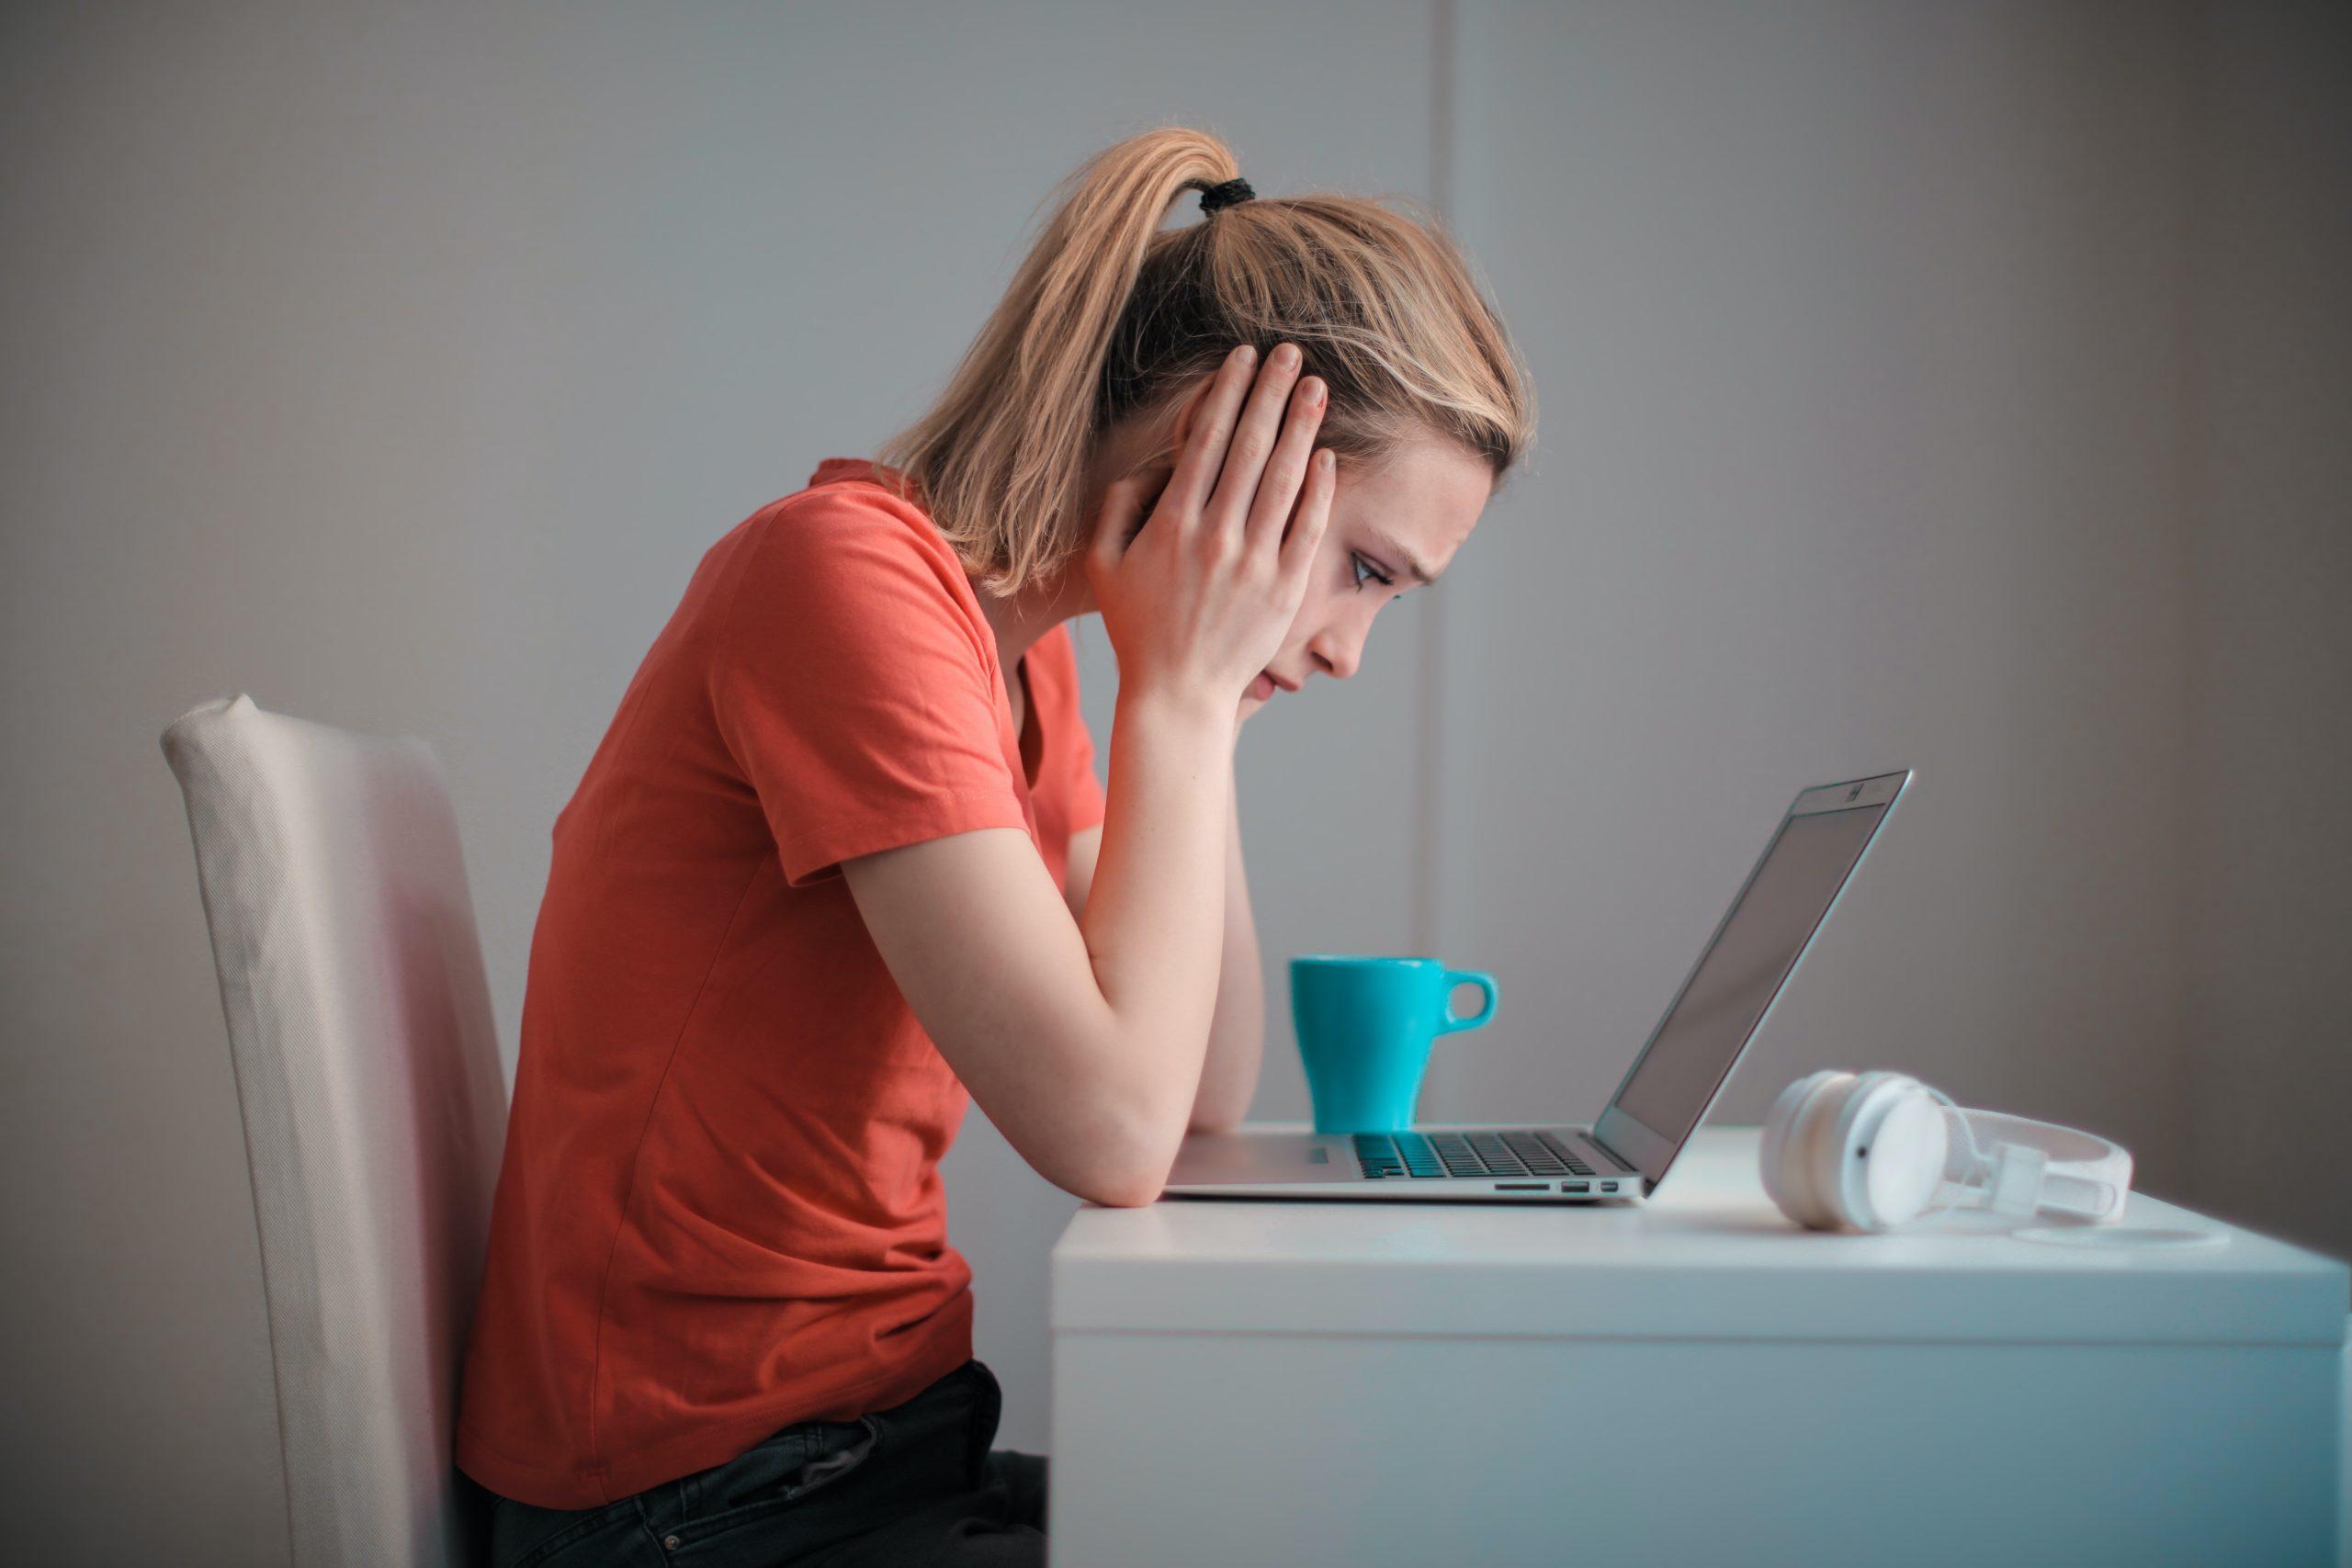 仕事のストレスが限界なら辞めた方がいい【他にも仕事はある】